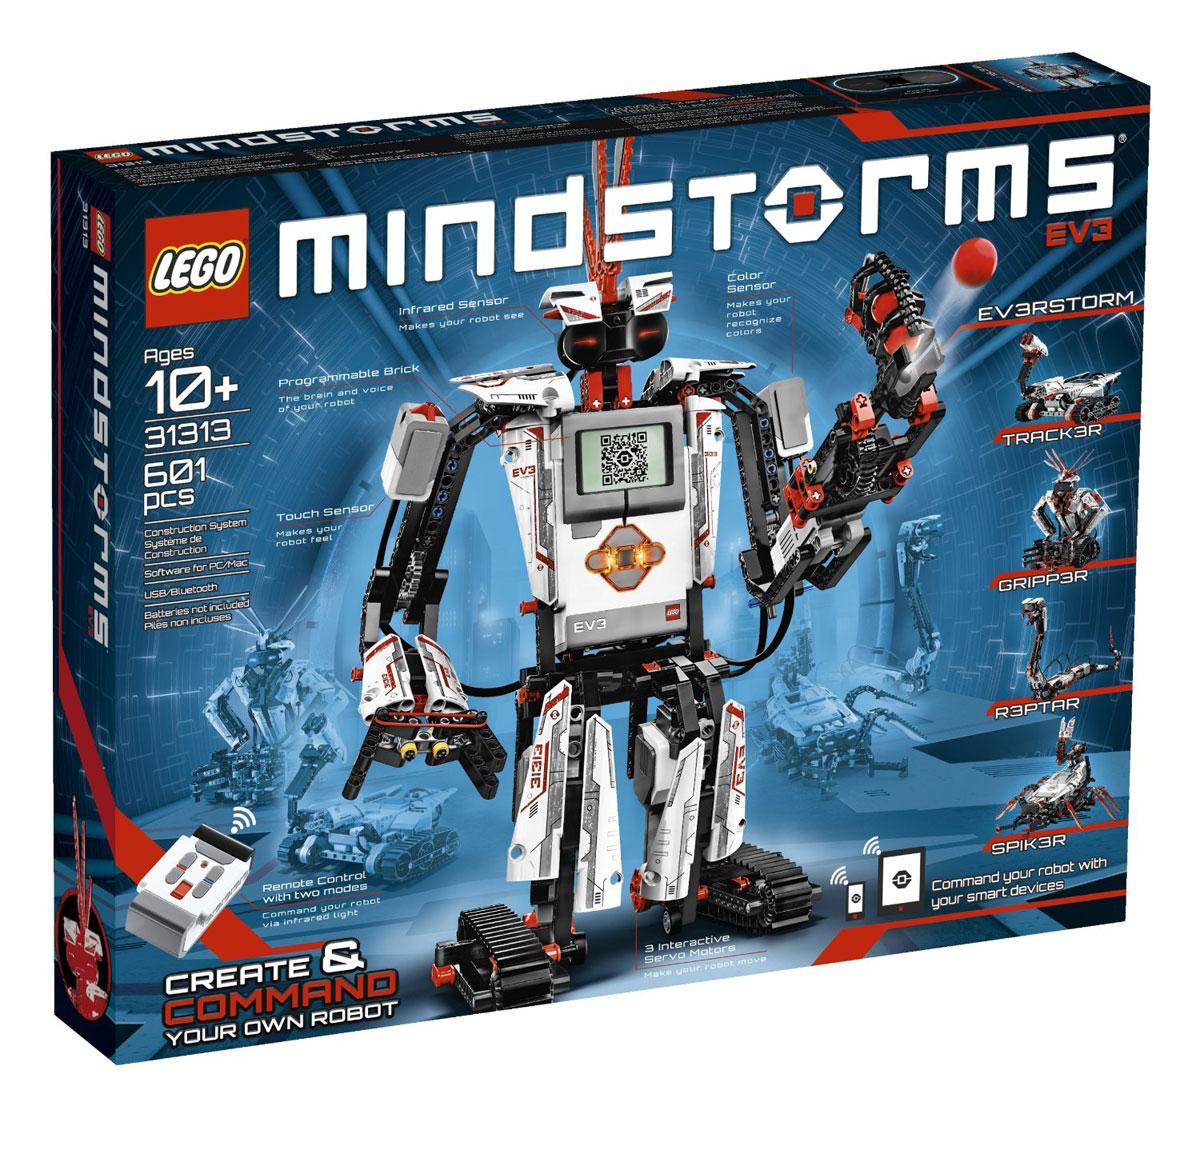 LEGO Mindstorms Конструктор EV3 3131331313Набор LEGO «Mindstorms EV3» порадует любого поклонника робототехники и конструирования. В комплект входит 601 элемент, позволяющий собрать различные модификации роботов, которые ходят, разговаривают, думают и делают все, что вы можете представить. Используя трехмерную пошаговую инструкцию по сборке, можно собрать роботов TRACK3R - вездеходного робота на гусеничном ходу, R3PTAR - робота ,похожего на кобру, SPIK3R - шестиногое создание с хвостом-молнией, EV3RSTORM - командира роботов и GRIPP3R - робота-качка, а затем оживить их при помощи простого, интуитивно понятного, построенного на пиктограммах интерфейса программирования. Возьмите прилагающийся пульт дистанционного управления и отправляйтесь выполнять задания по спланированным миссиям или скачивайте бесплатные приложения и командуйте своими роботами при помощи смартфона или планшета. В основе робота лежит модифицированный процессор с возможностью подключения сразу нескольких сенсоров и...